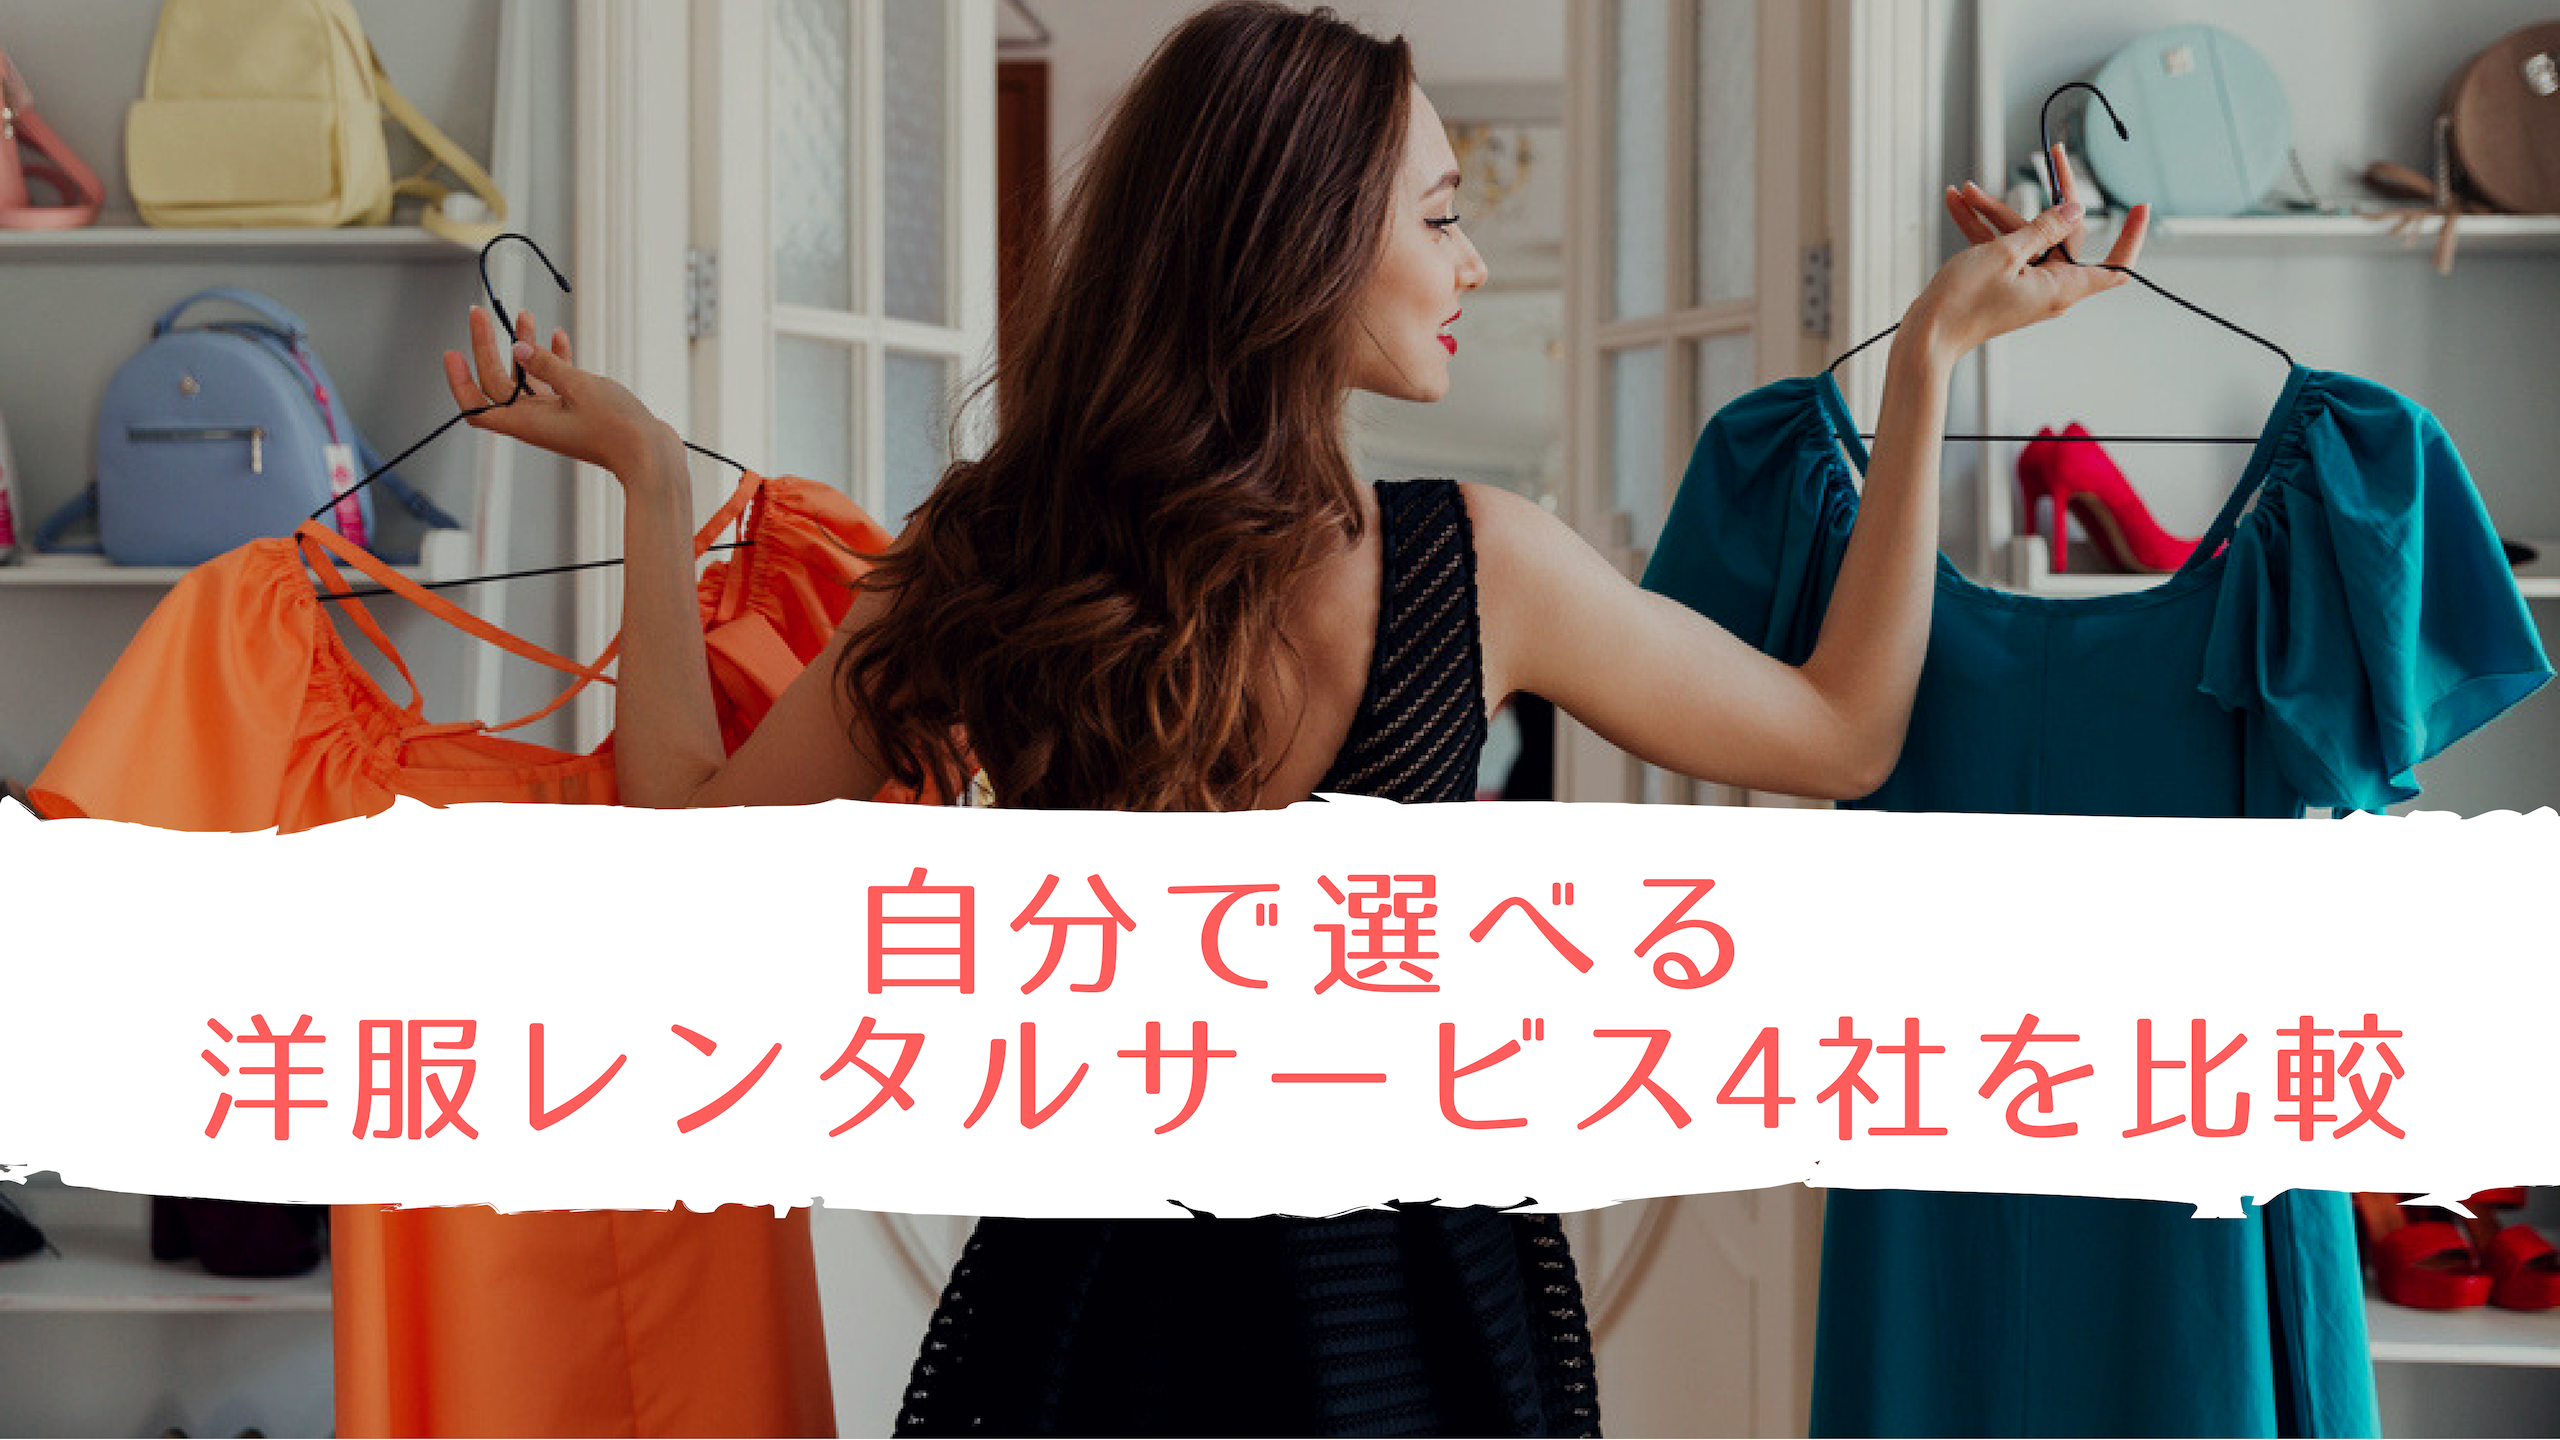 自分で選べる洋服レンタルサービス4社を比較